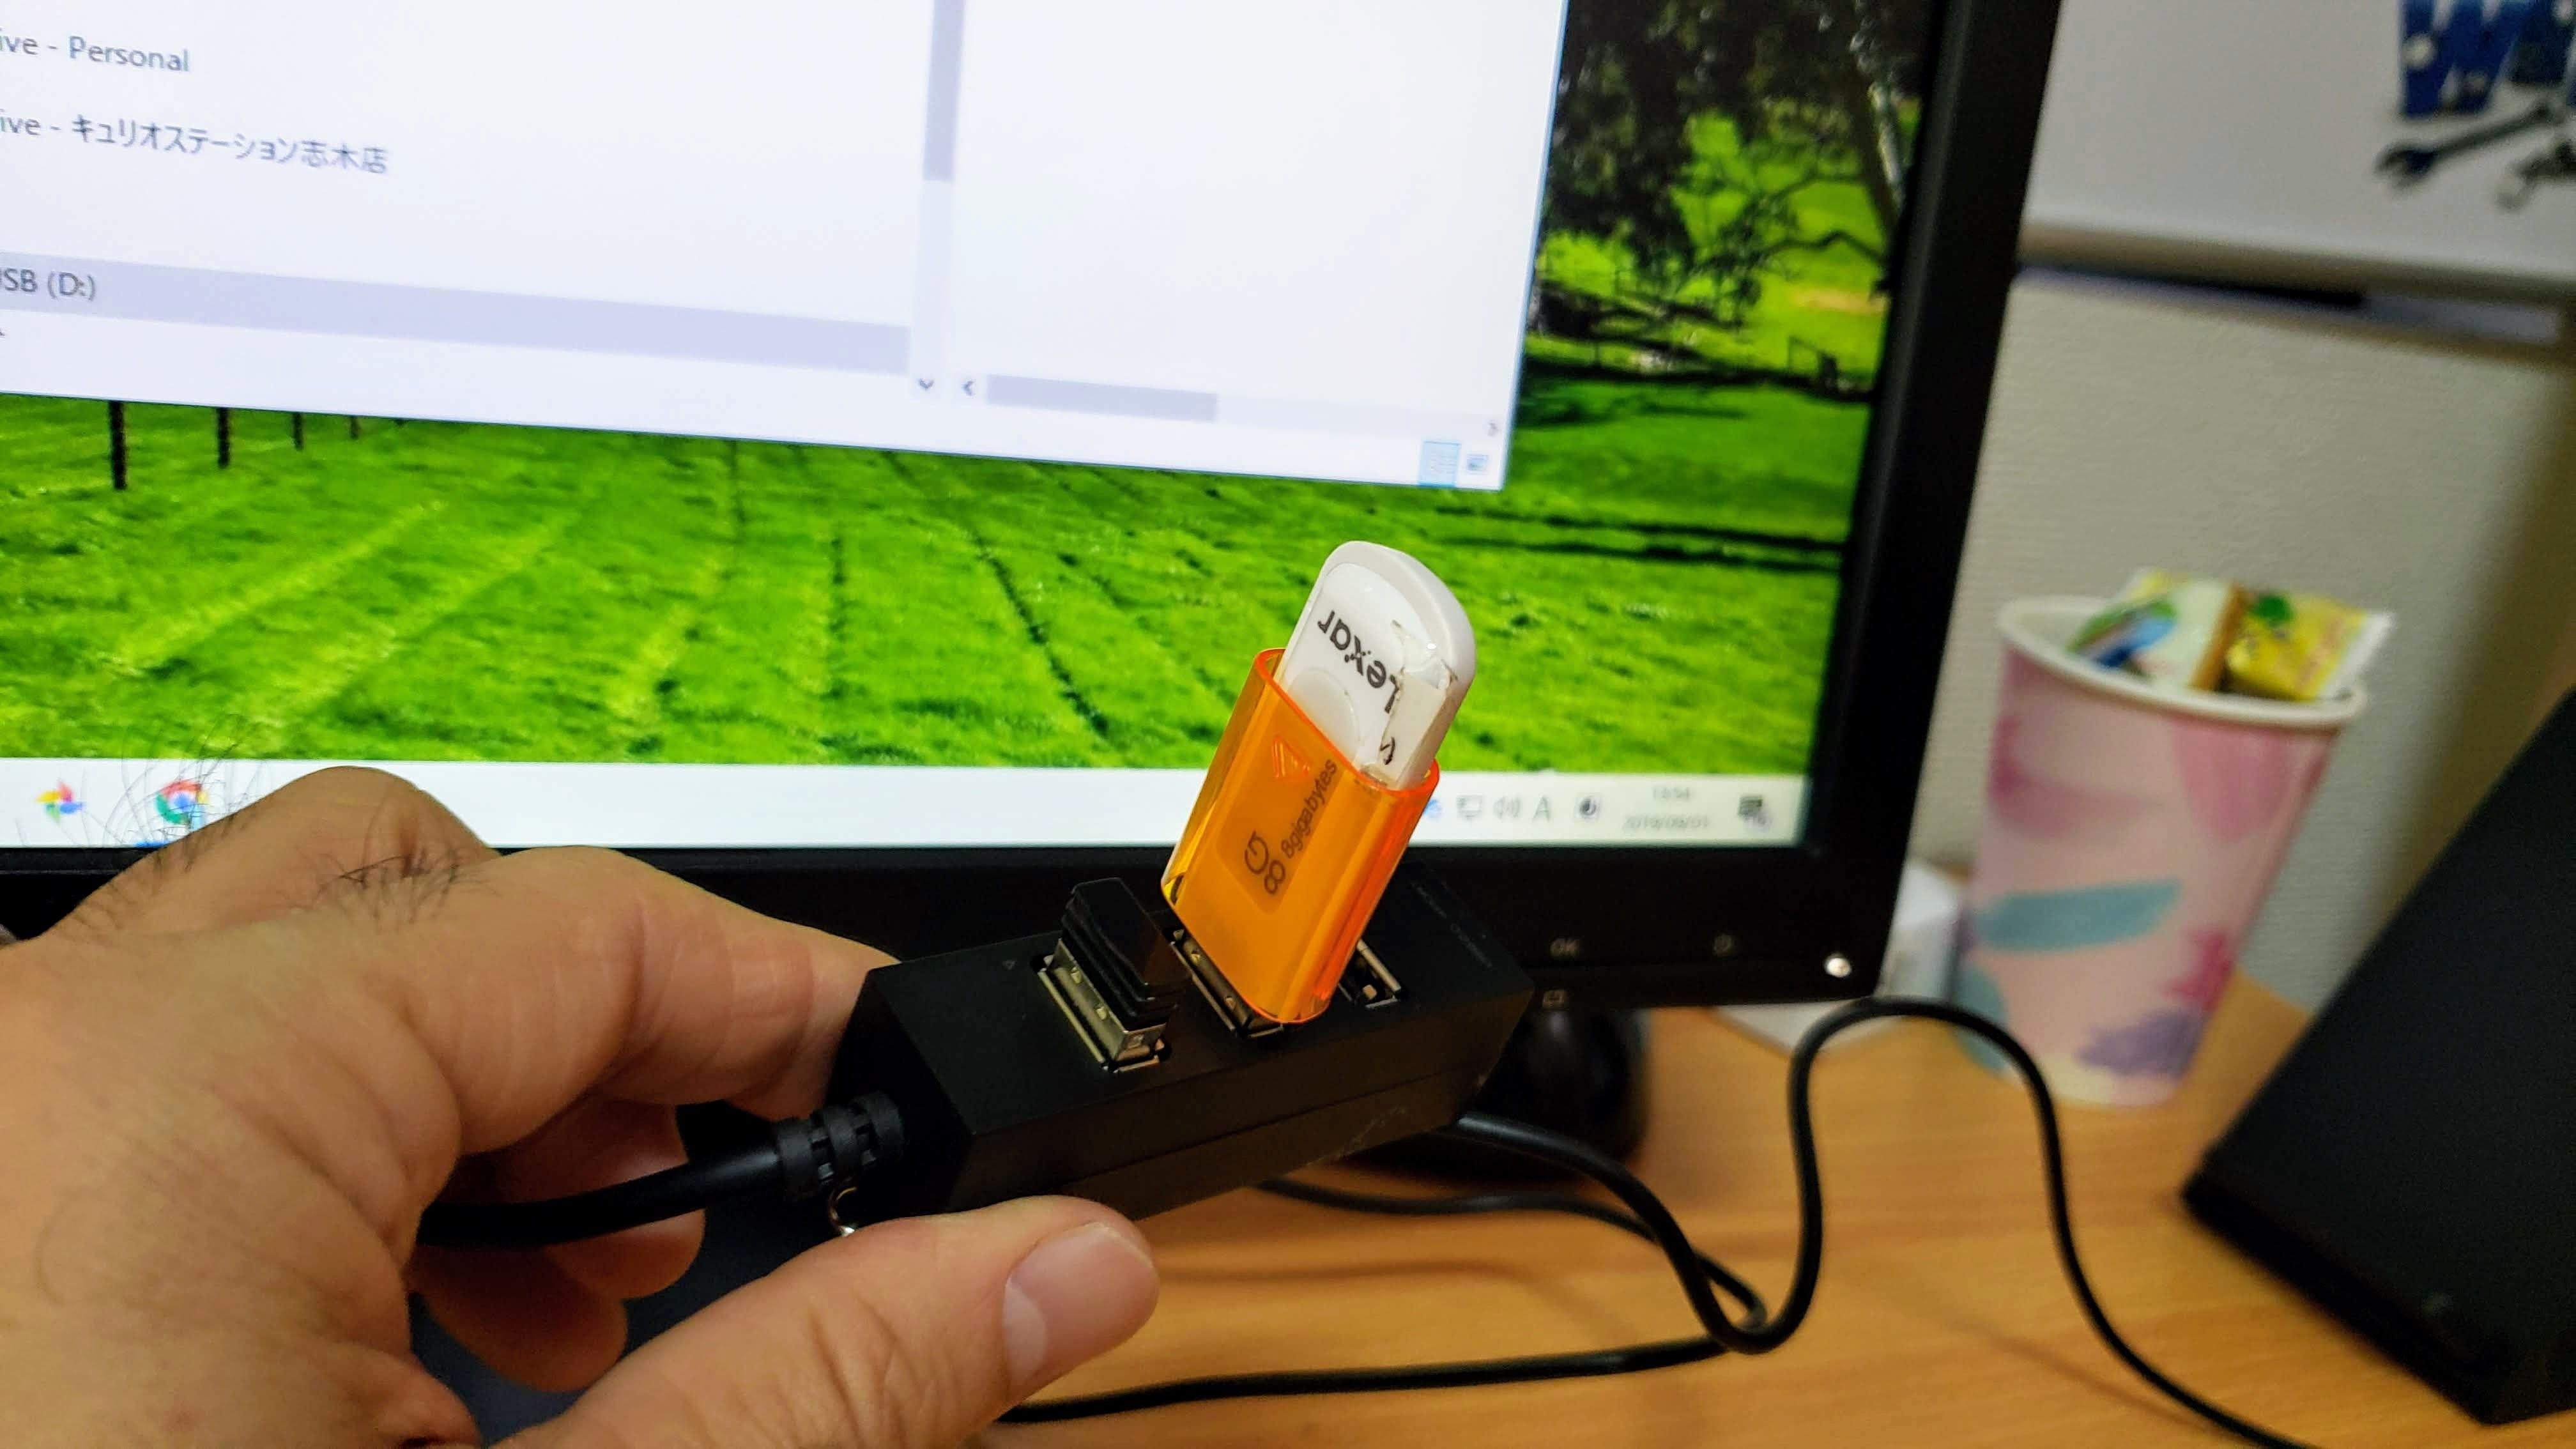 USBメモリを差し込んだパソコン